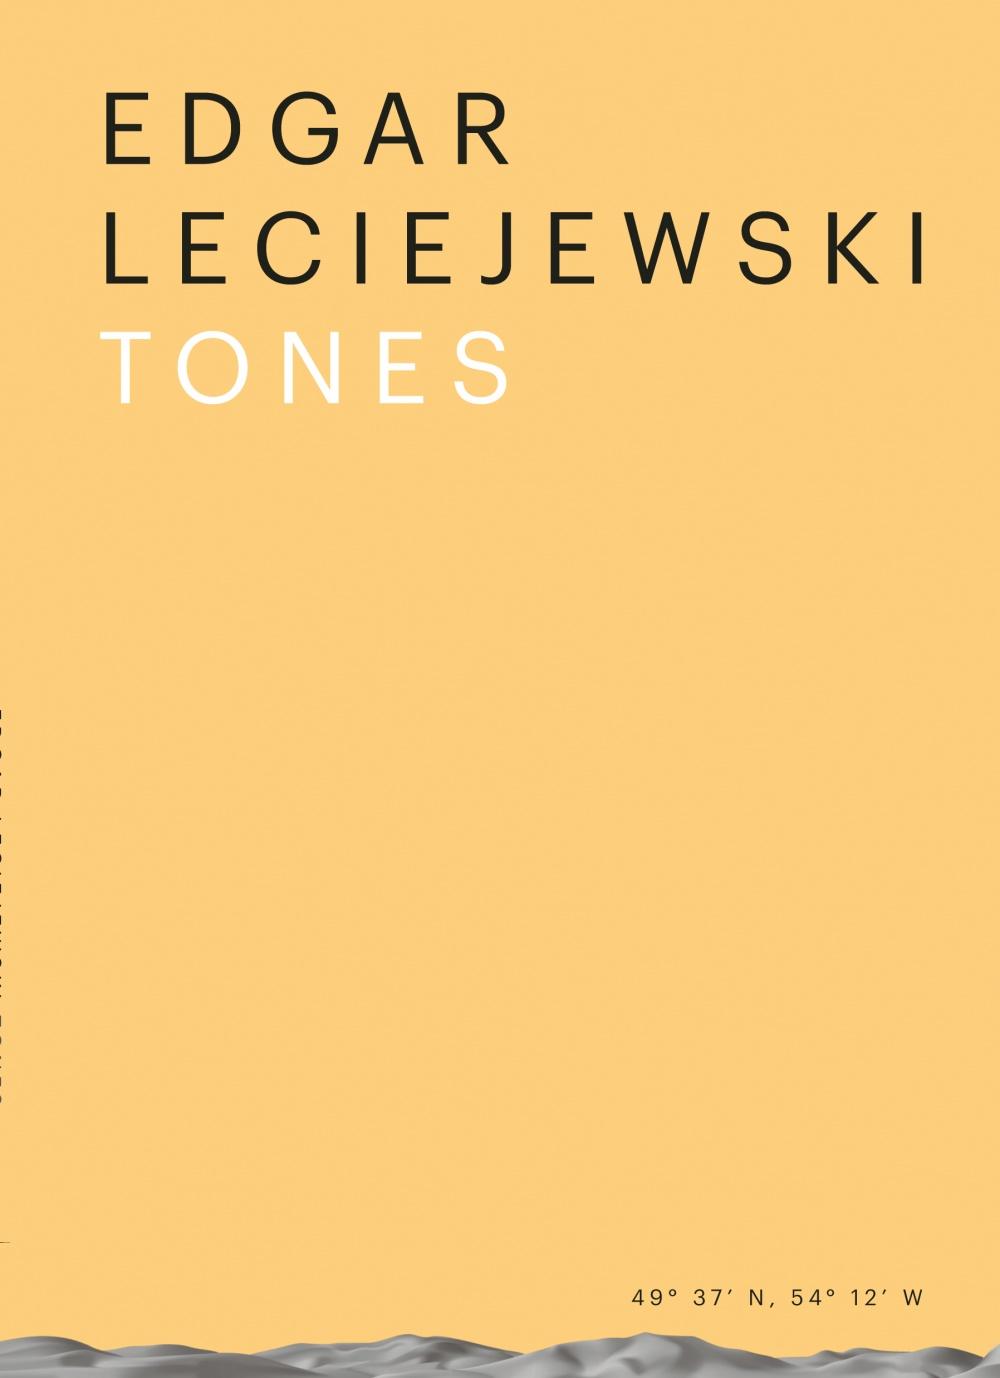 Edgar Leciejewski: Tones